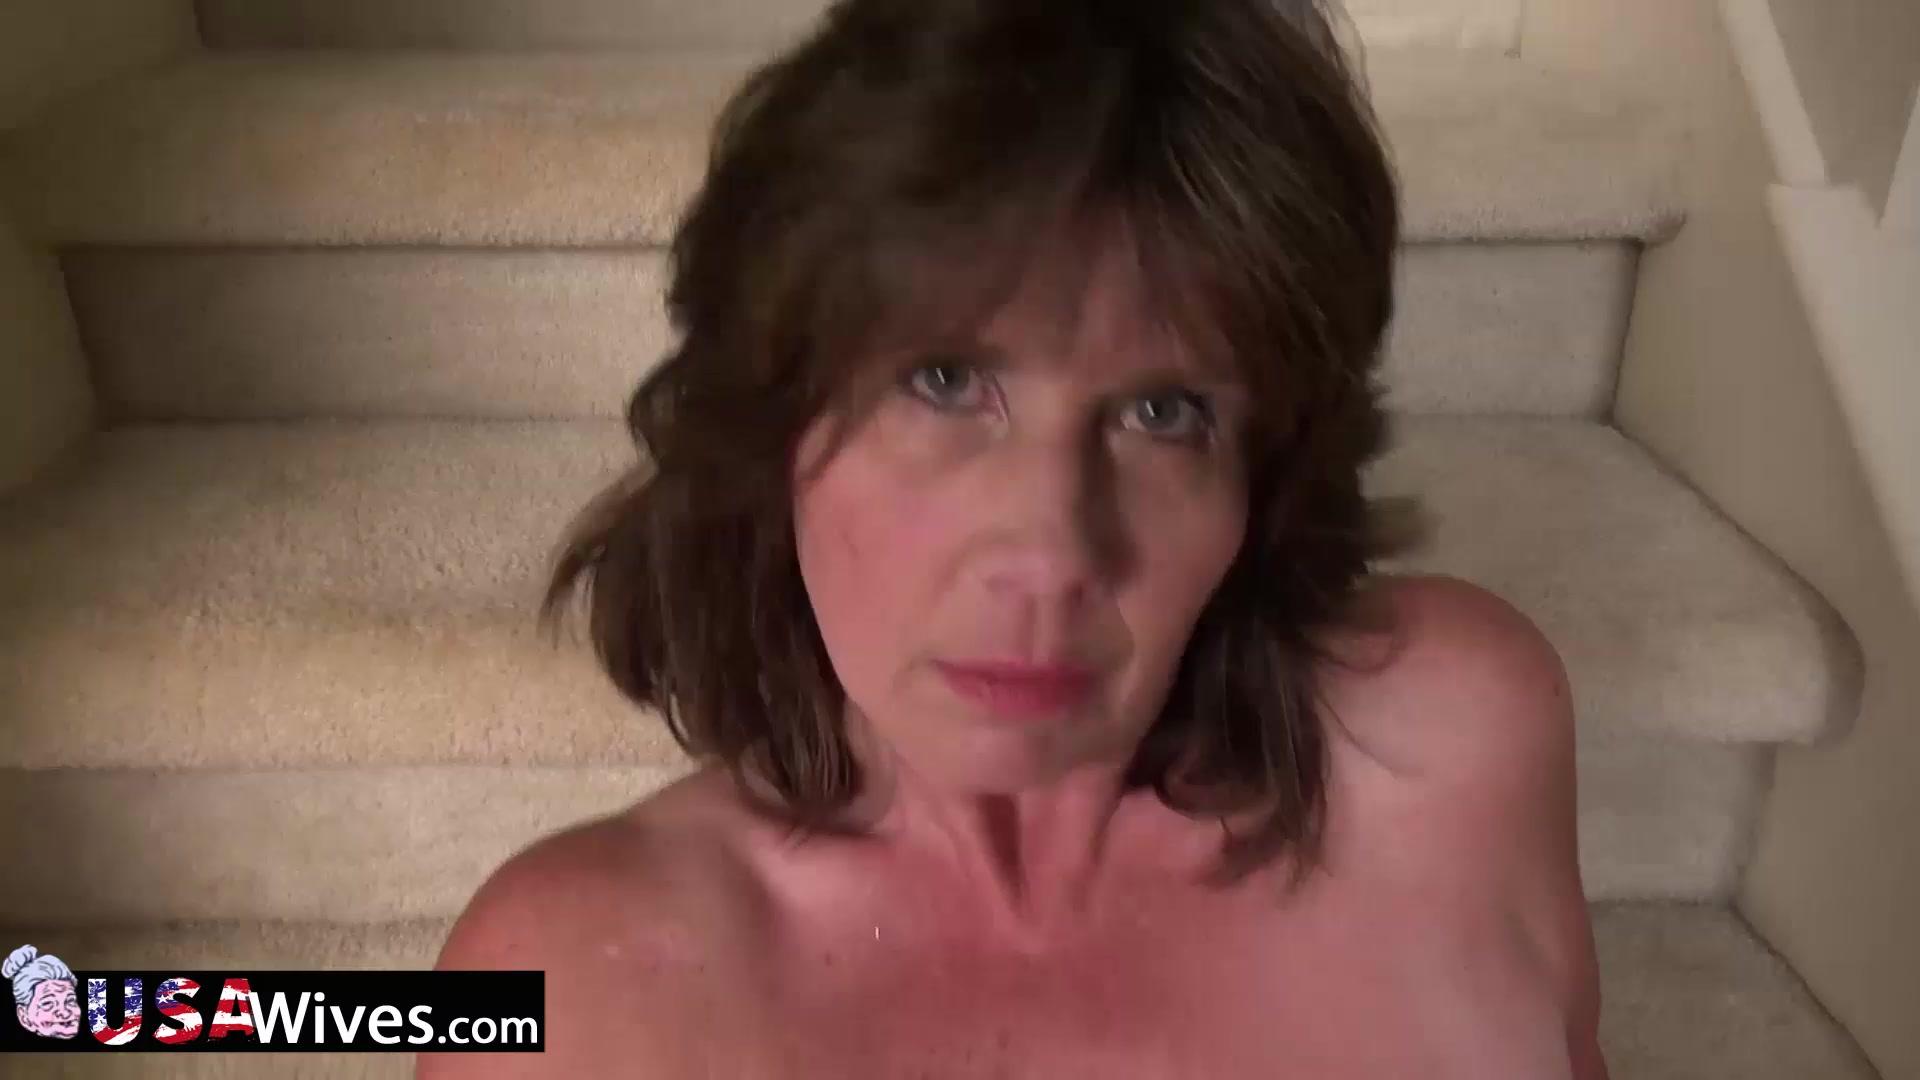 bbw pussy ass pov XXX Video